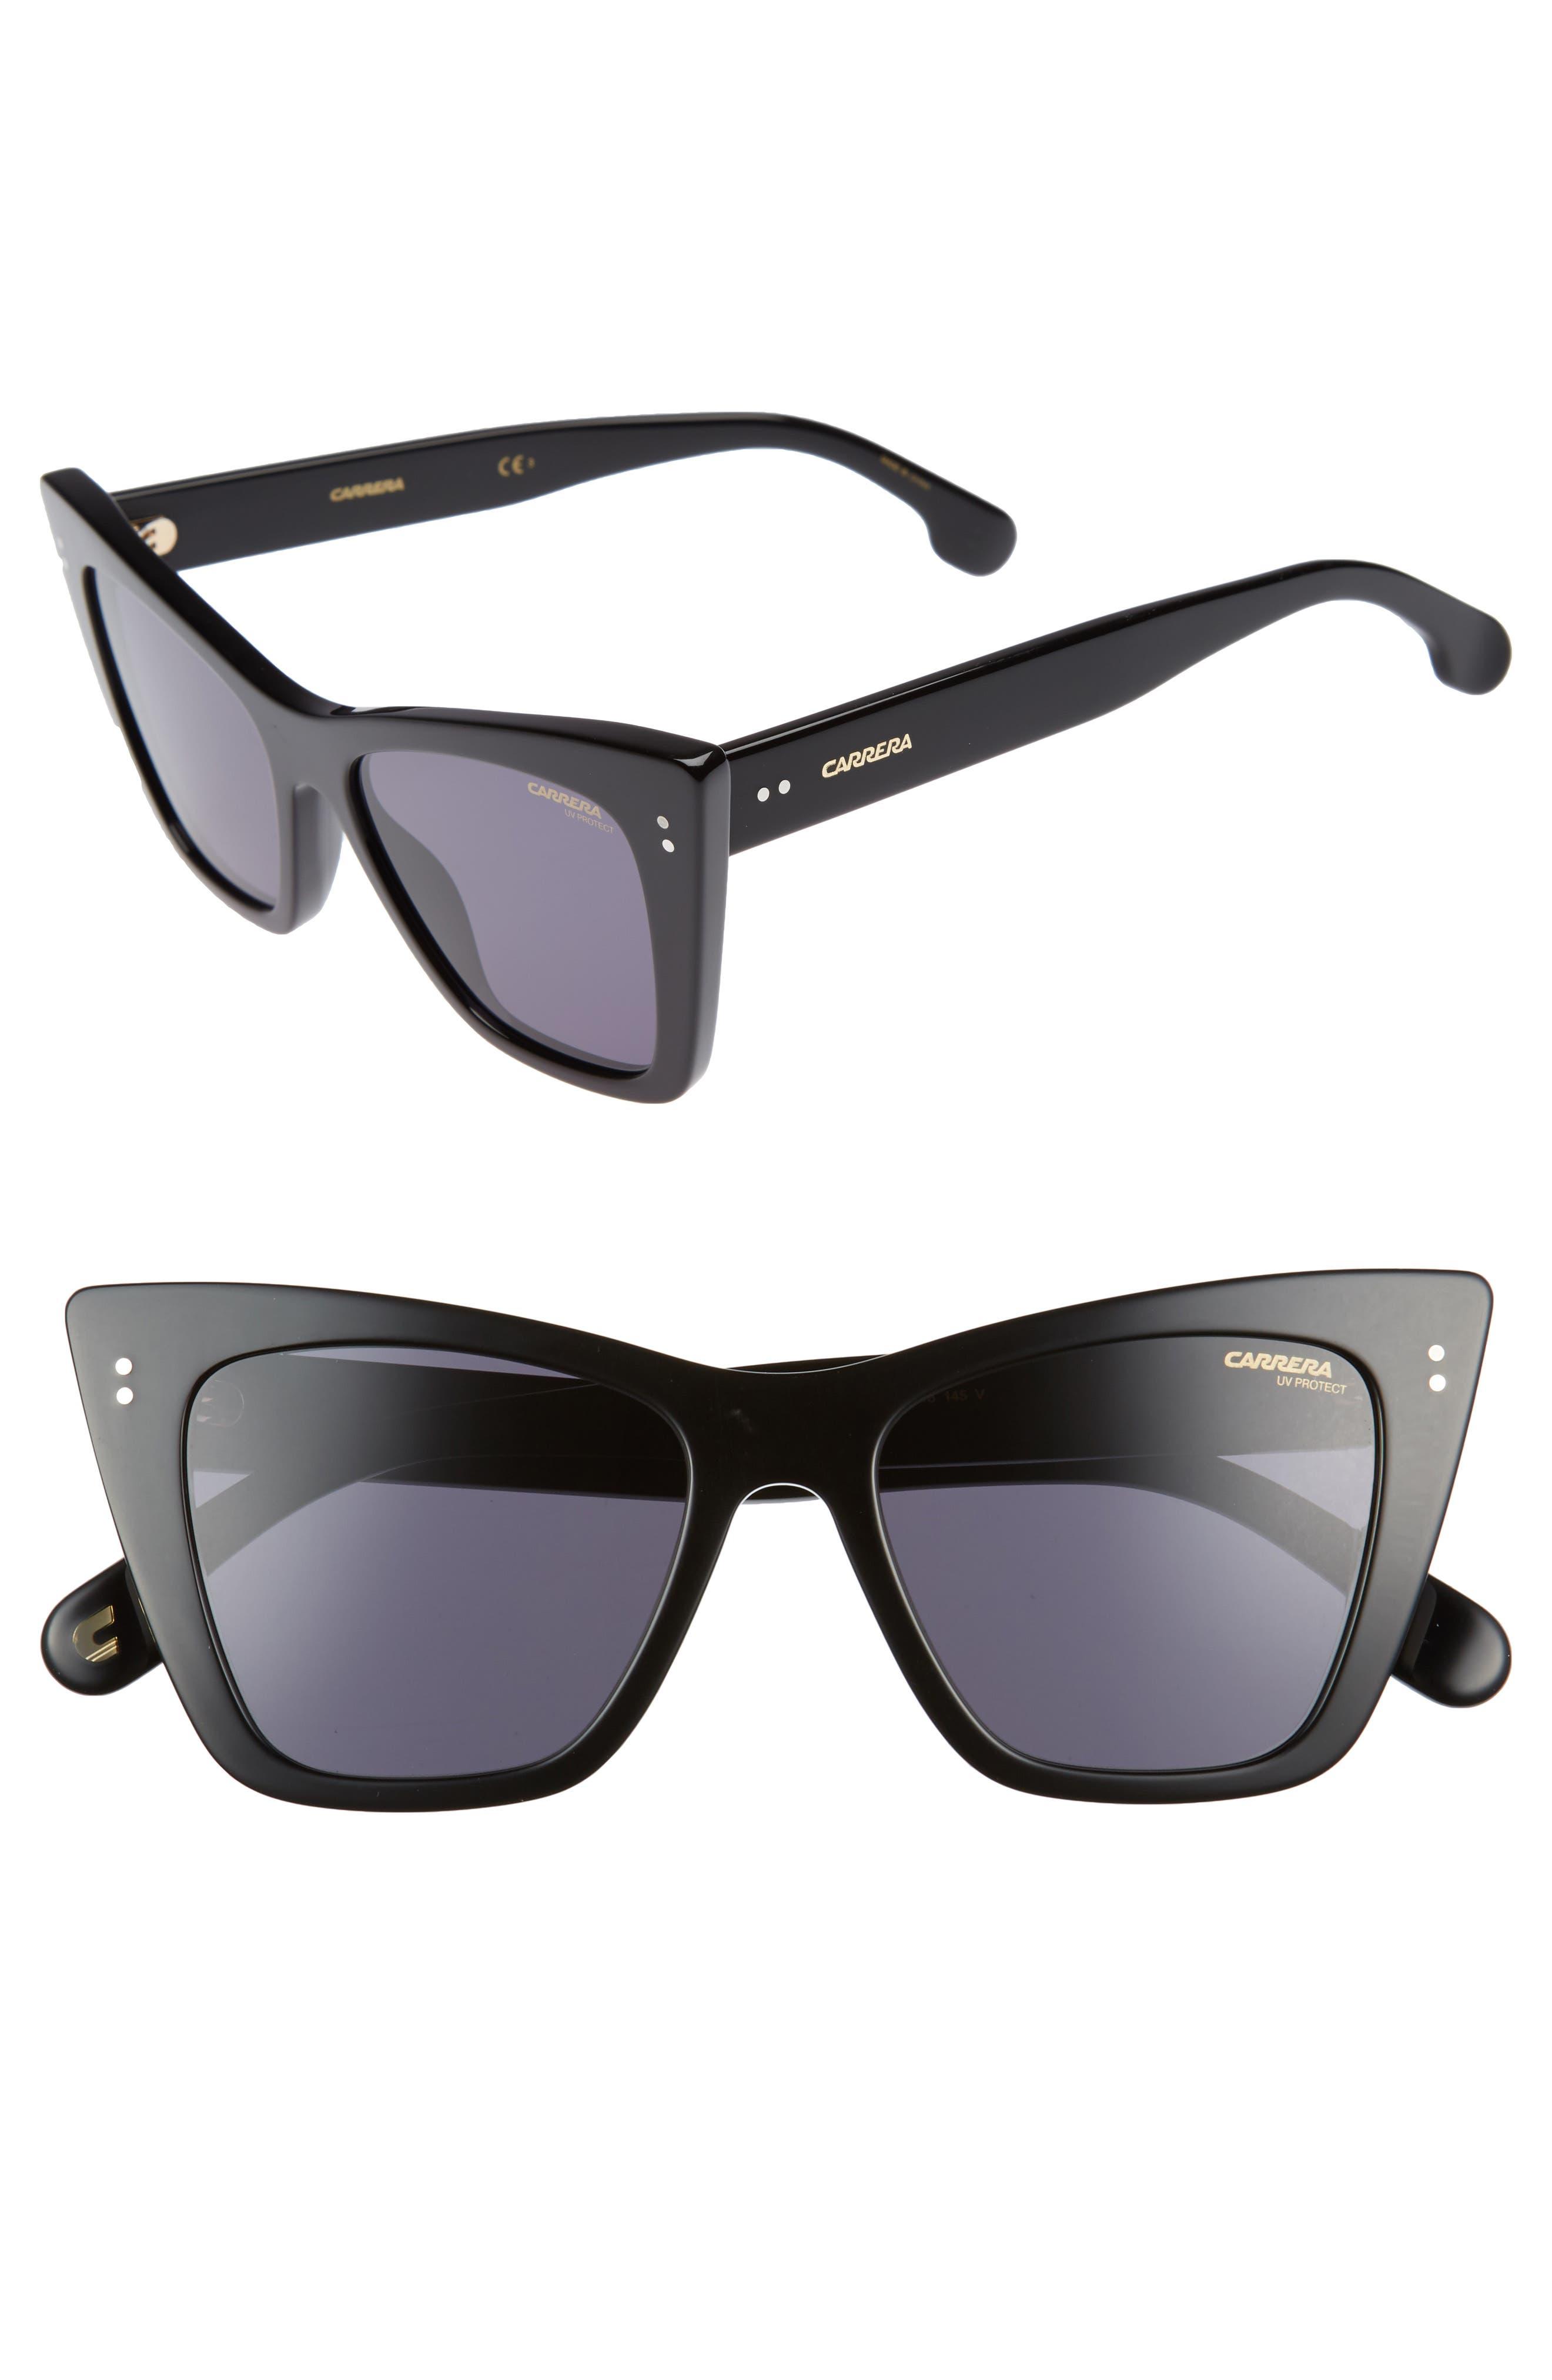 Carrera Eyewear 52mm Cat Eye Sunglasses